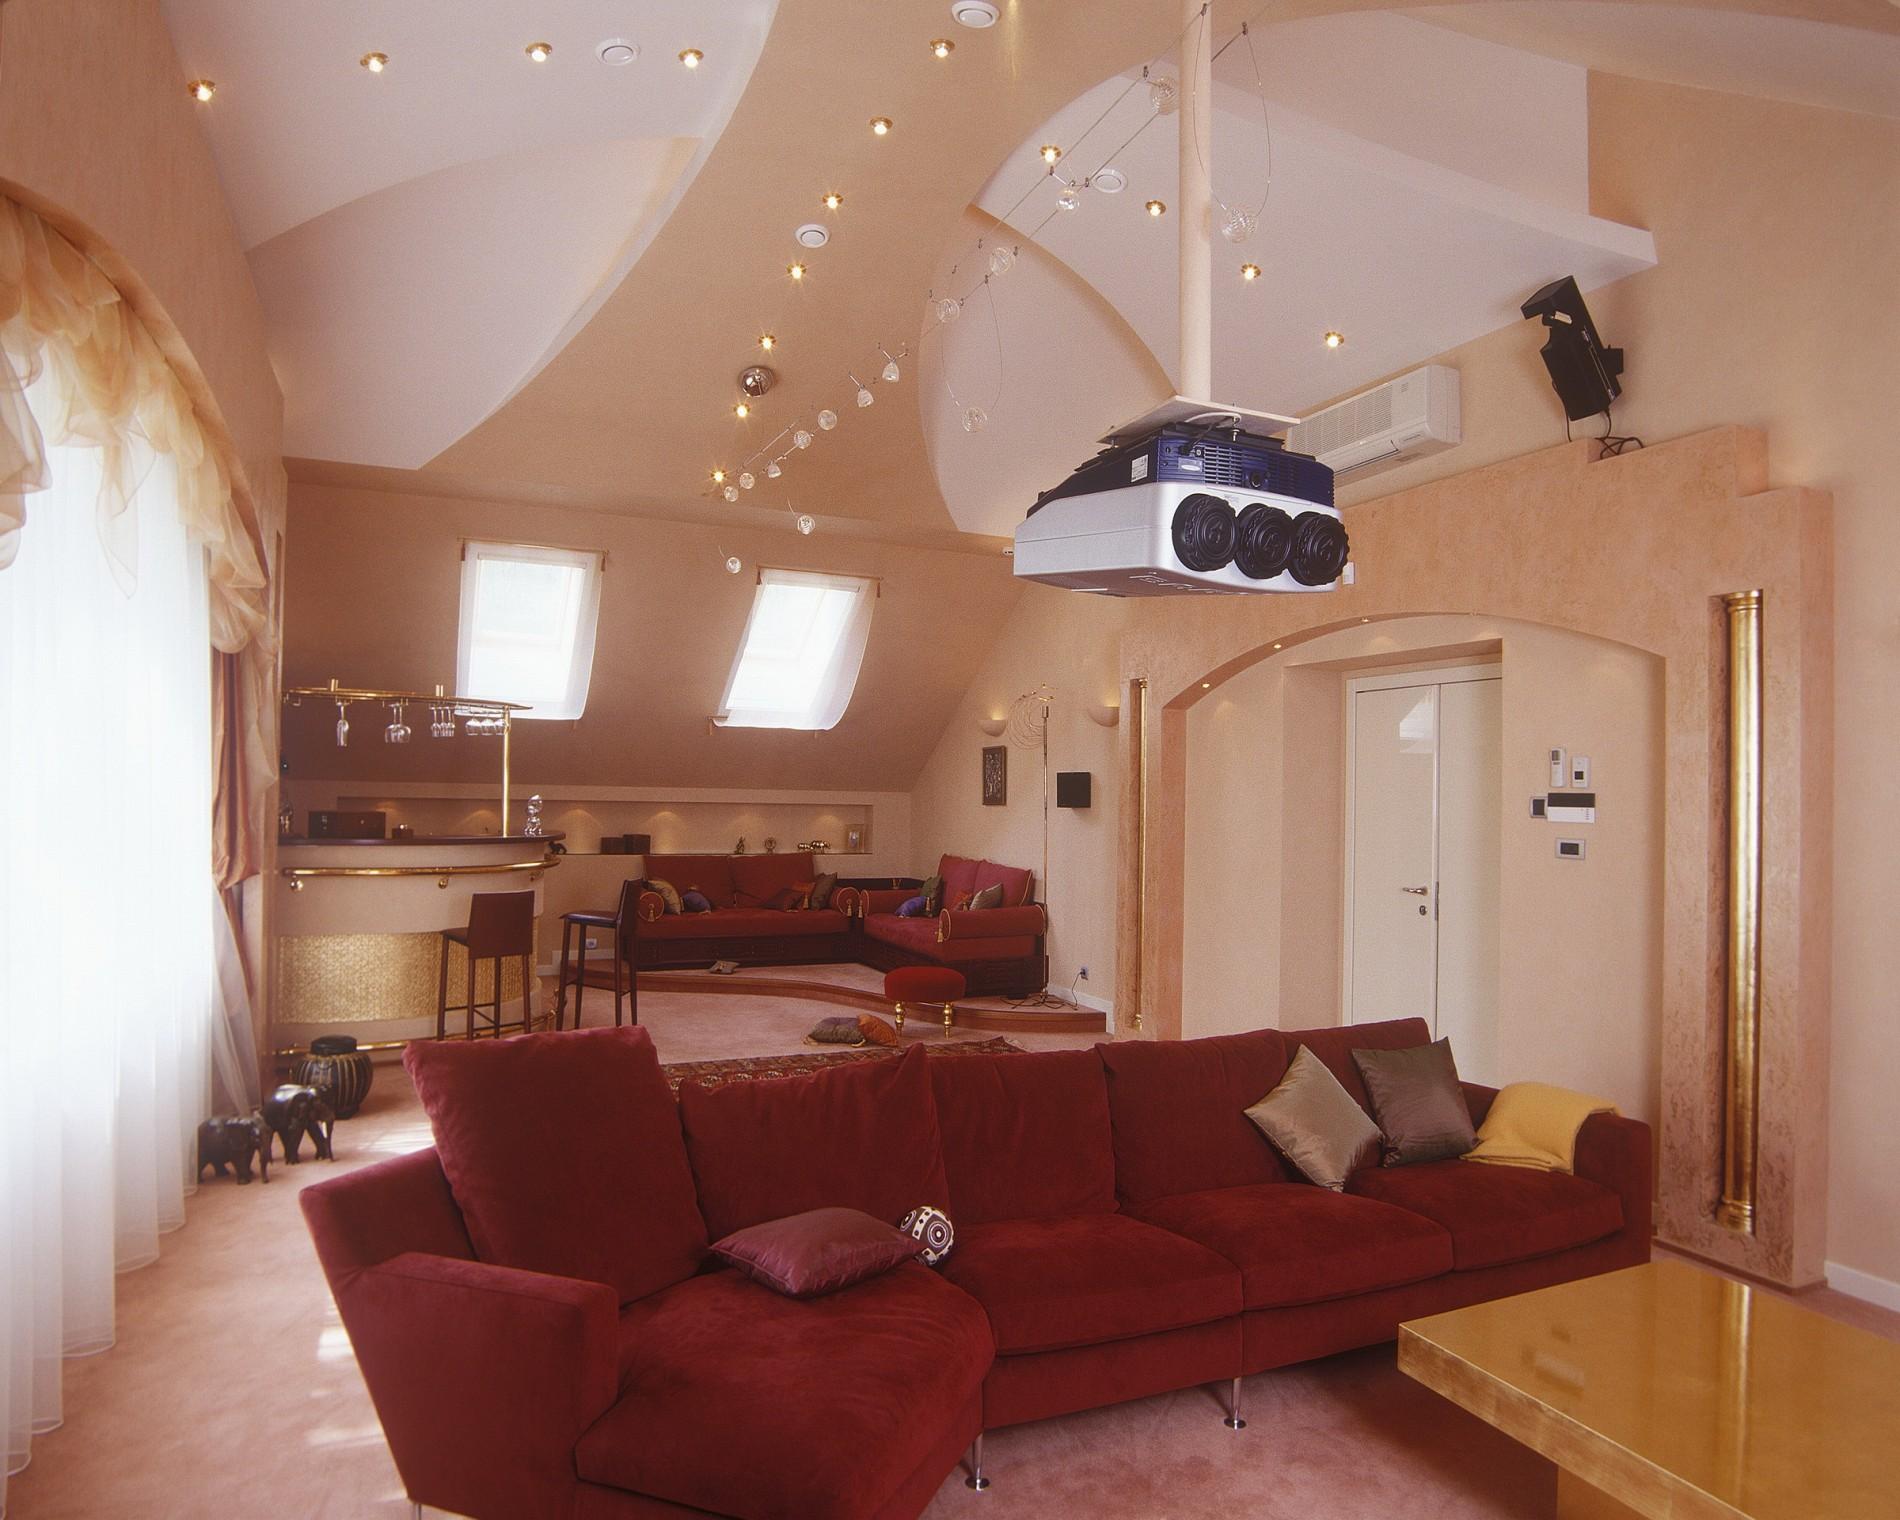 Домашний кинотеатр в загородном доме с диваном